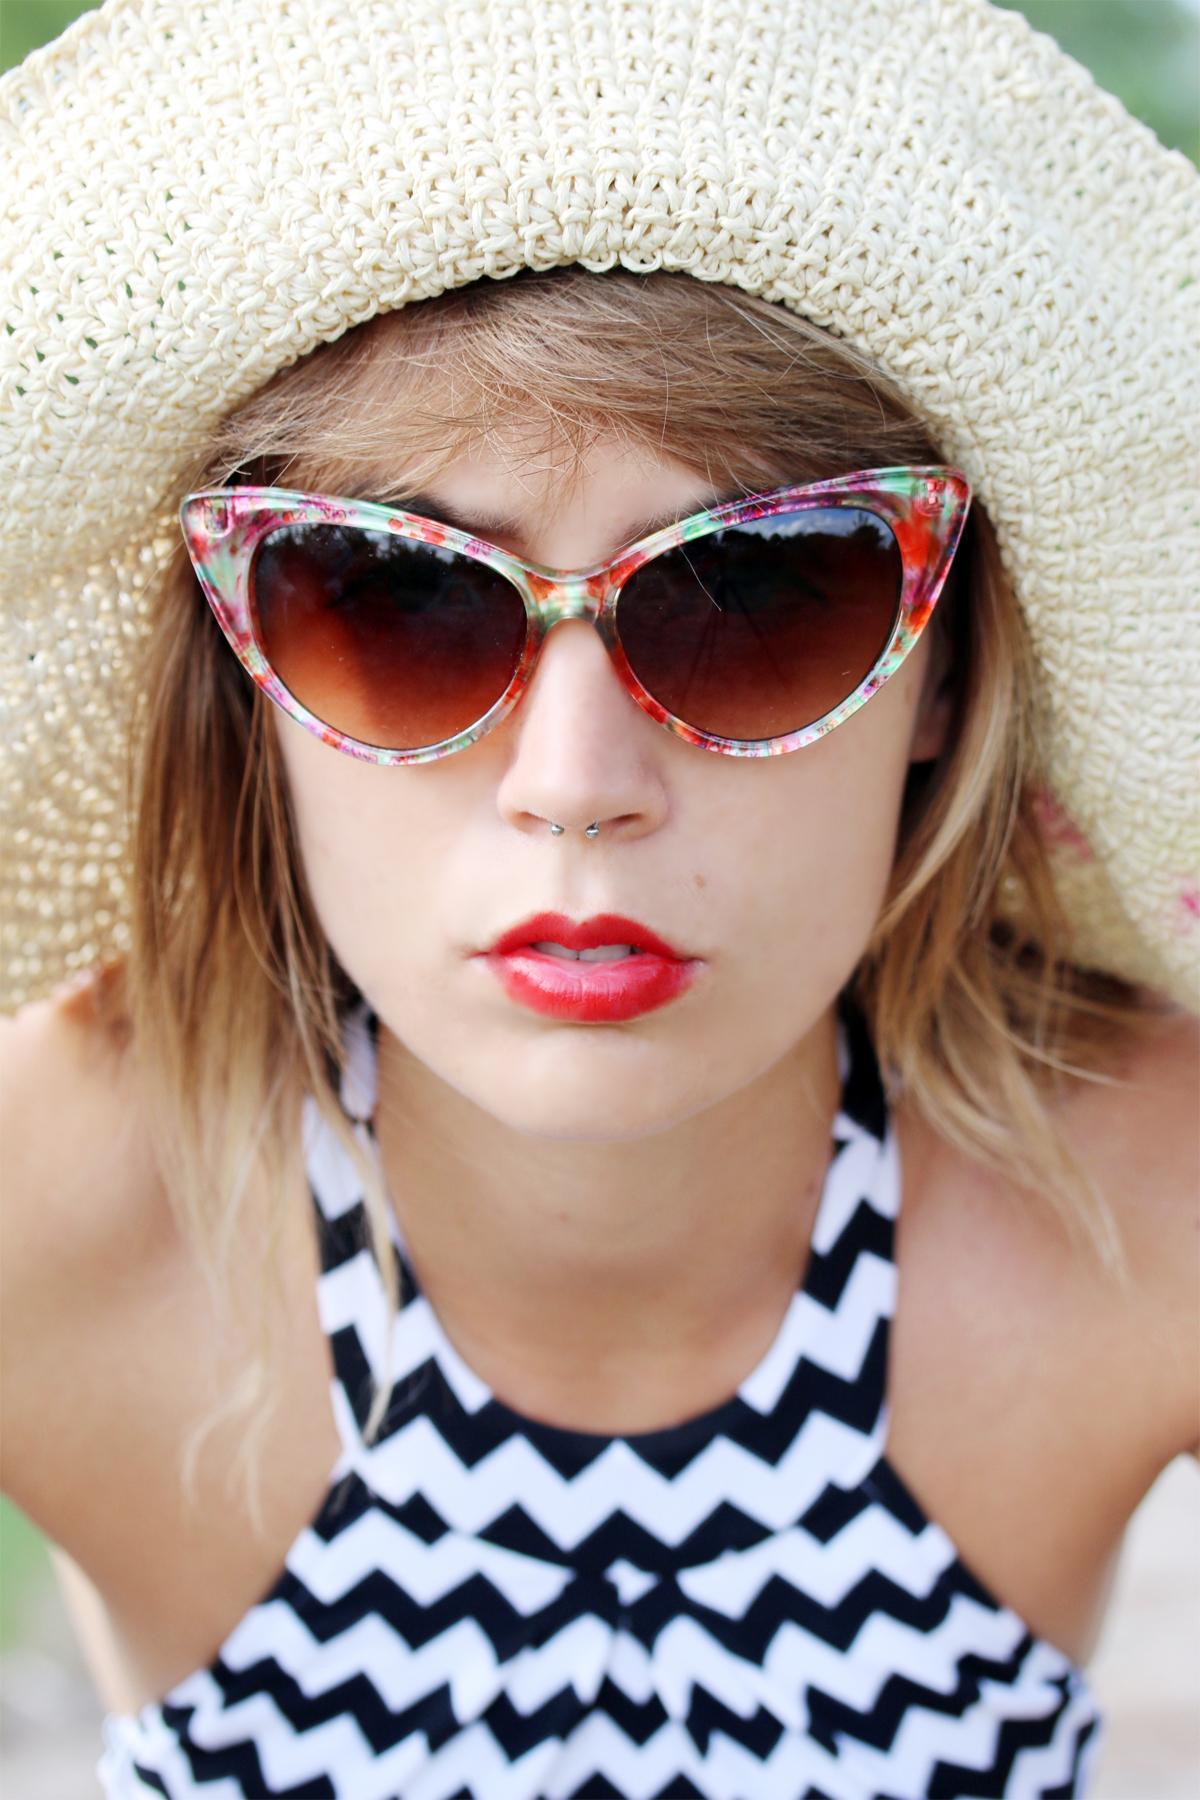 lunette retro et chapeau de paille